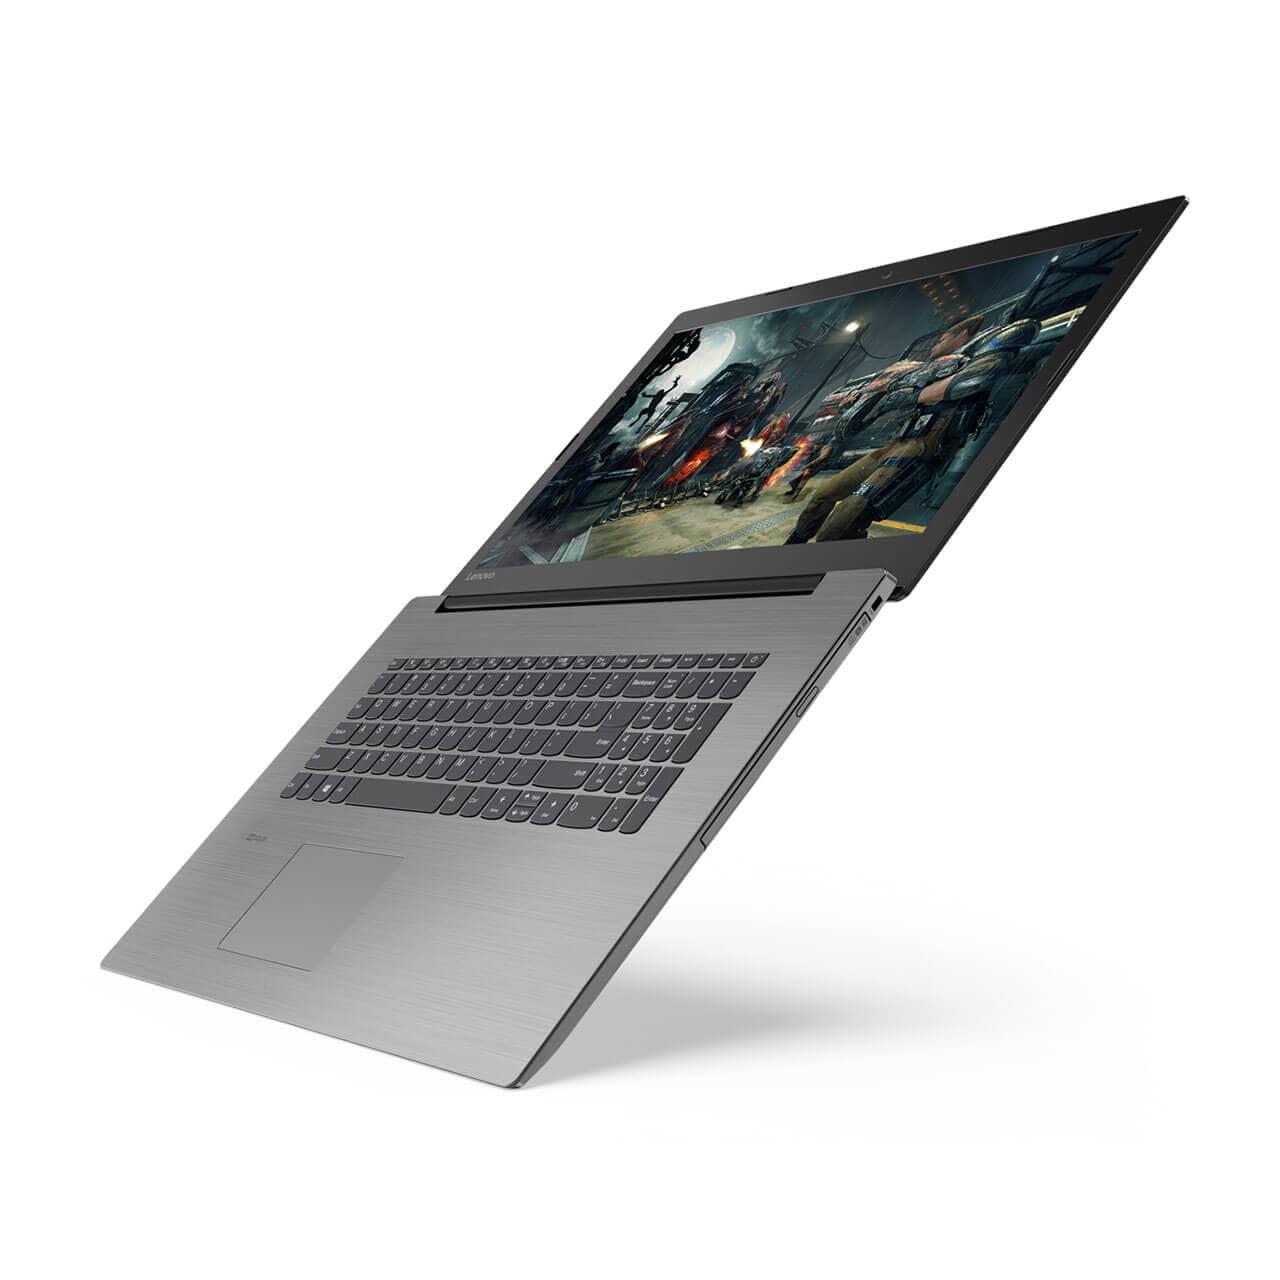 """Lenovo Ideapad 330, 17.3"""", AMD E2-9000 -9000, 4 GB RAM, 1TB 5400 RPM, Win 10 Home 64 4"""